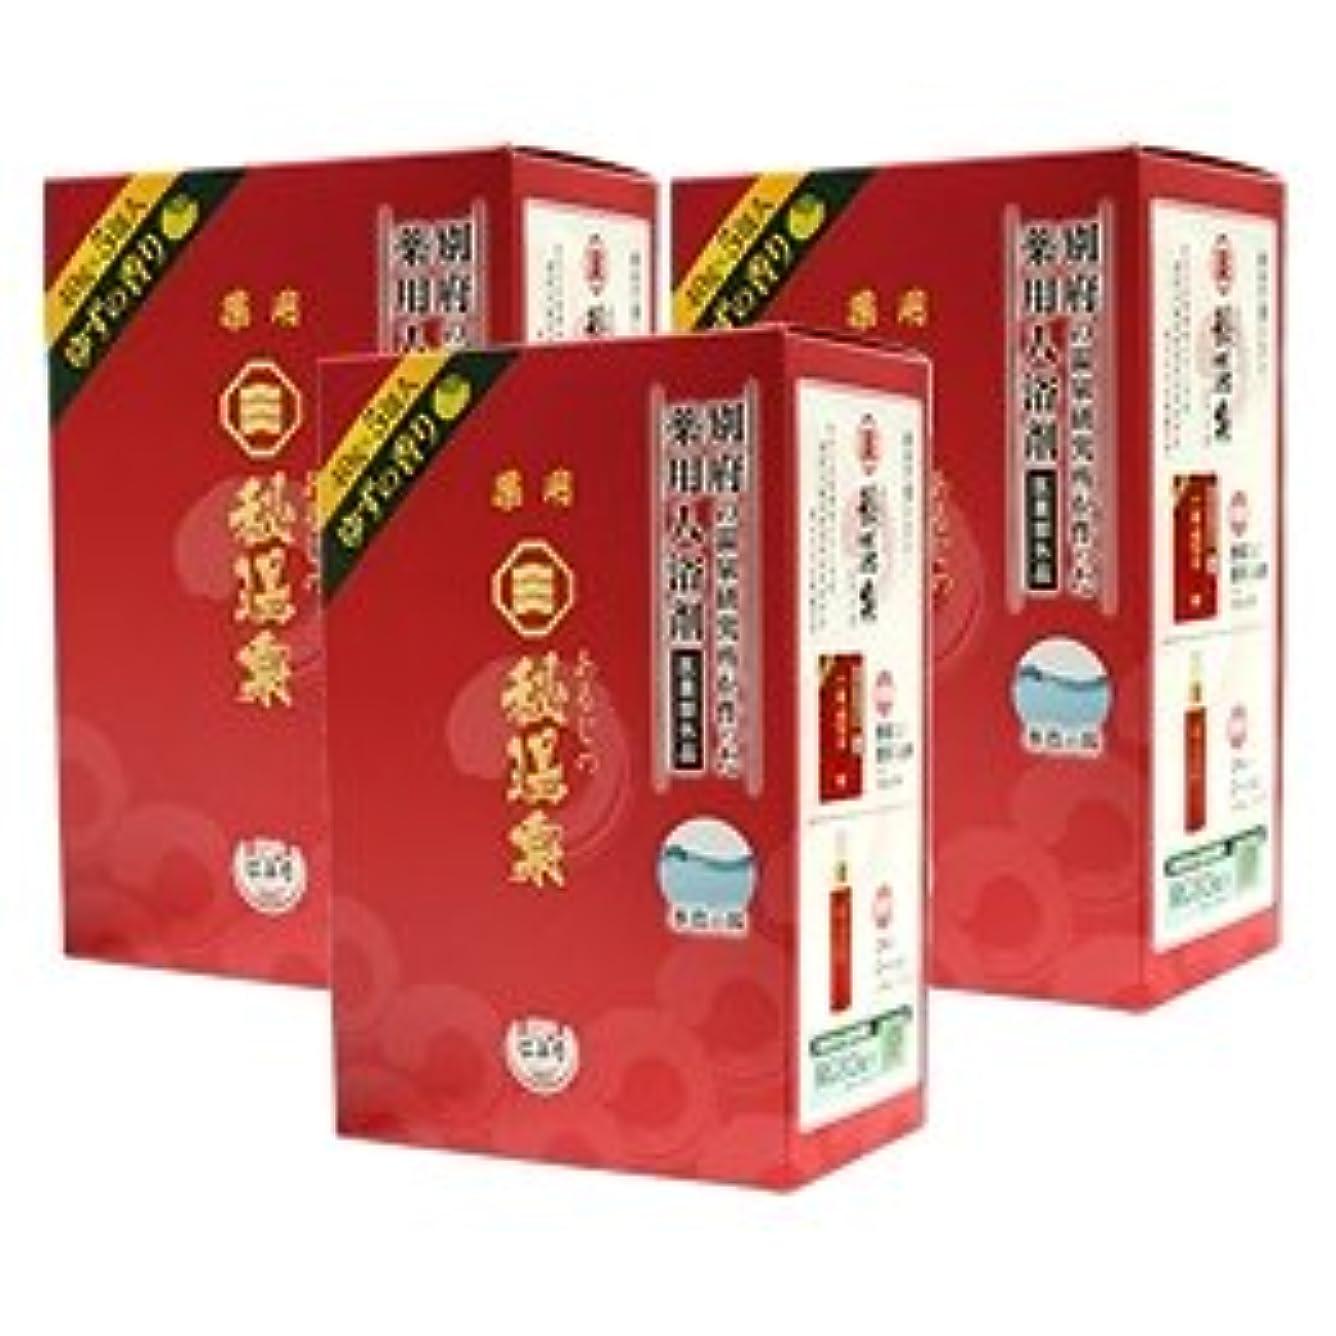 荒廃する糞の中で薬用入浴剤 あるじの秘湯泉 ×3箱(1箱5包入り)セット